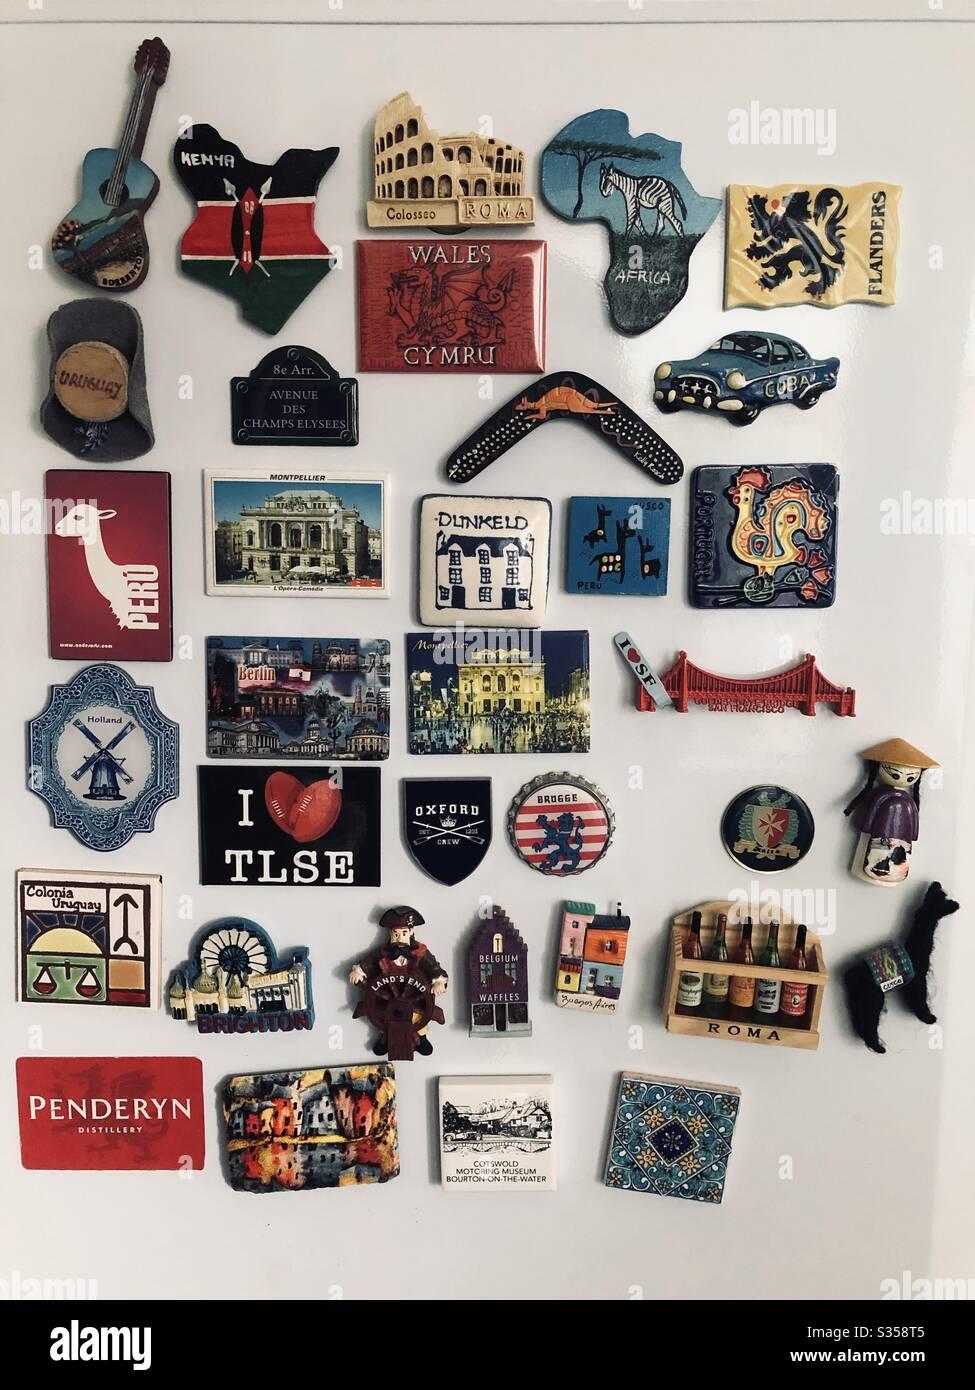 colore: nero con magnete Souvenirs-New York calamite motivo: New York NY Magnet Calamite per frigorifero I Love New York